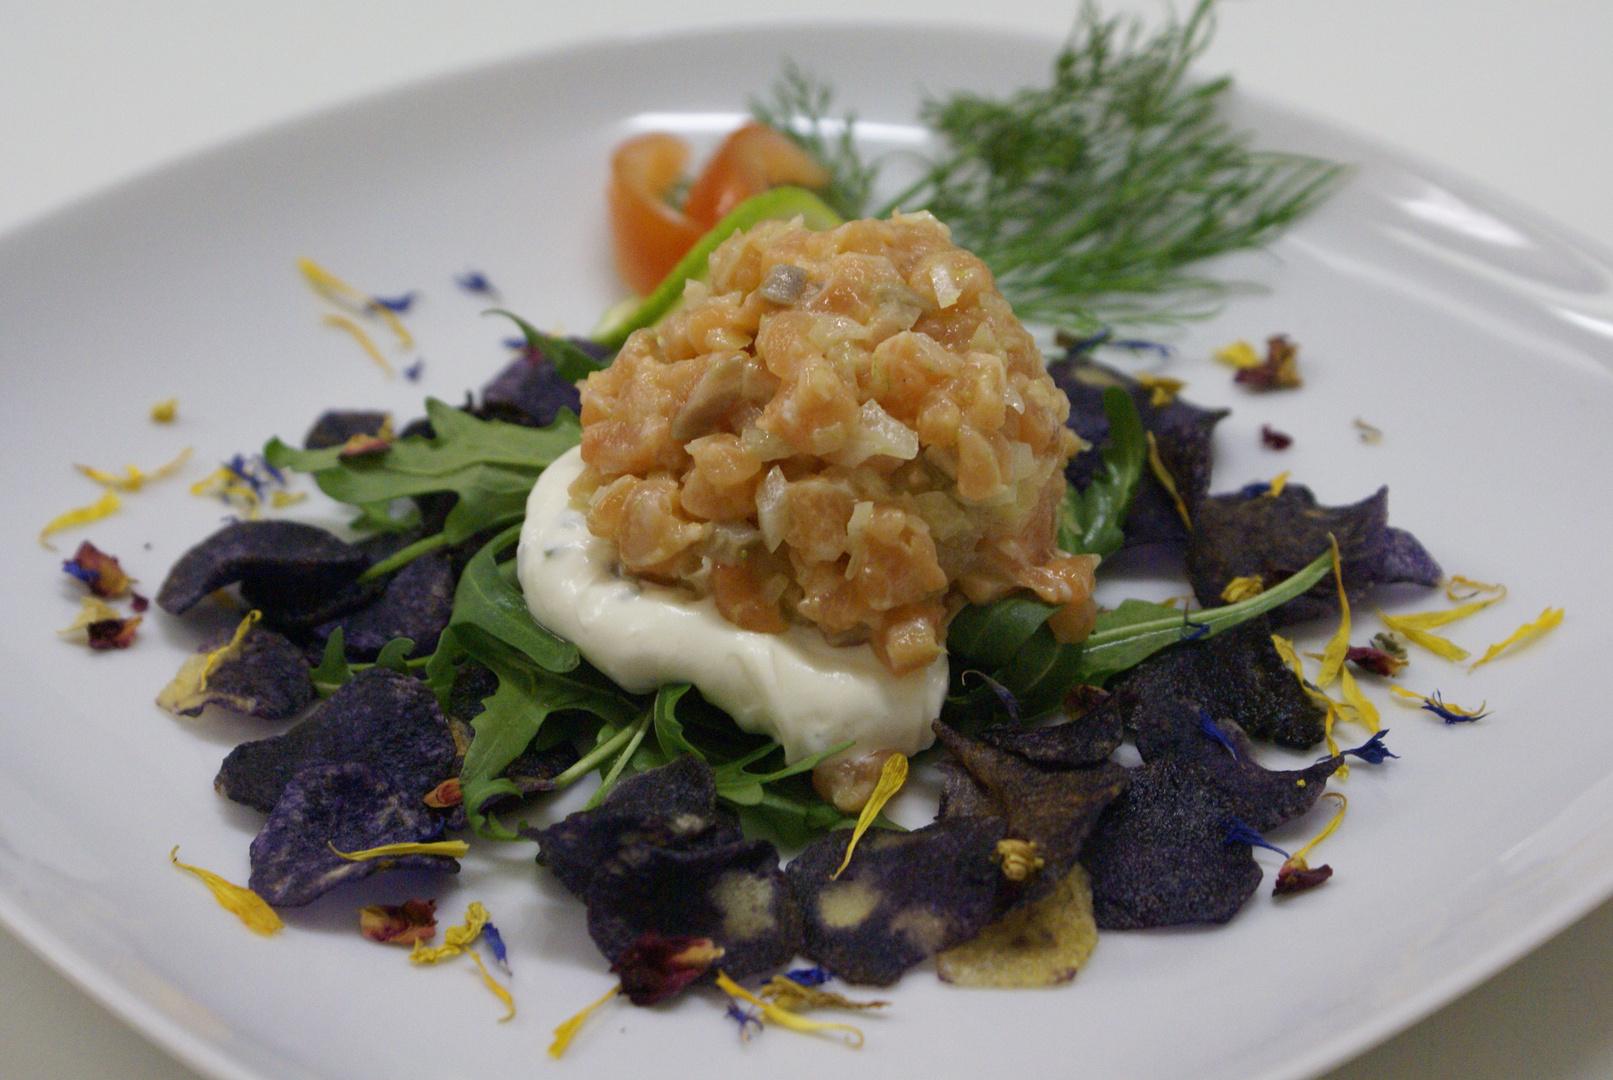 Lachstartar mit violetten Kartoffelchips